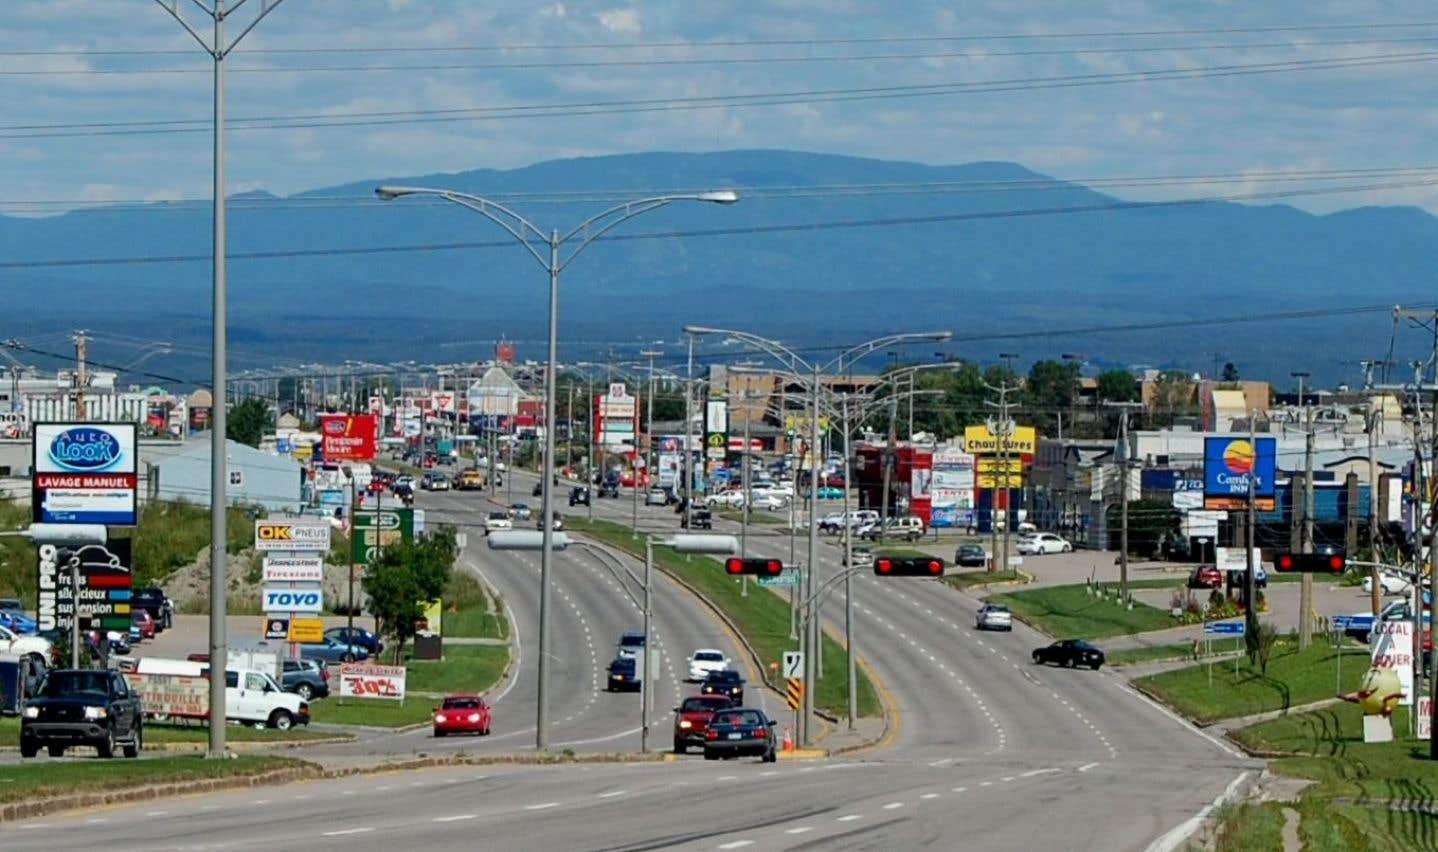 La ville de Saguenay.Ce n'est pas la première fois que l'inscription «Saguenay ville blanche» est placée dans la ville.